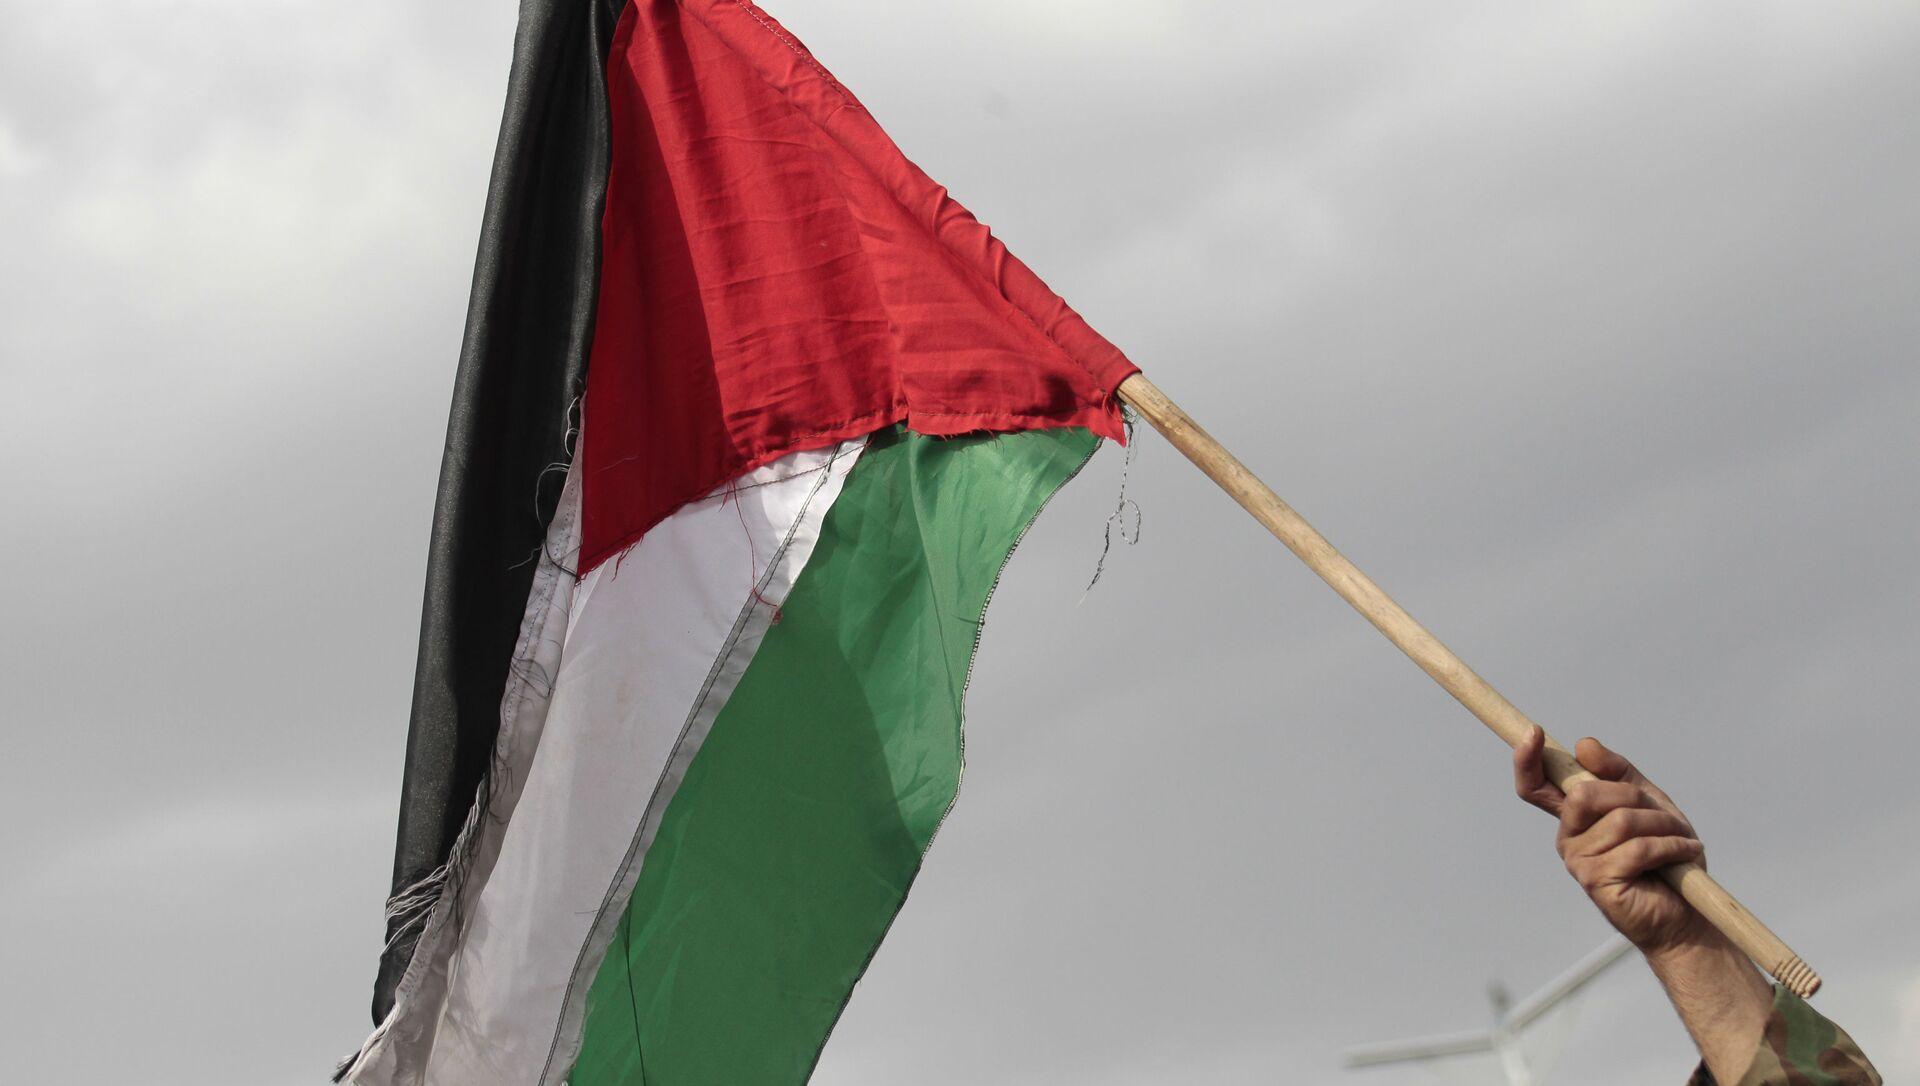 Палестинска застава - Sputnik Србија, 1920, 18.05.2021